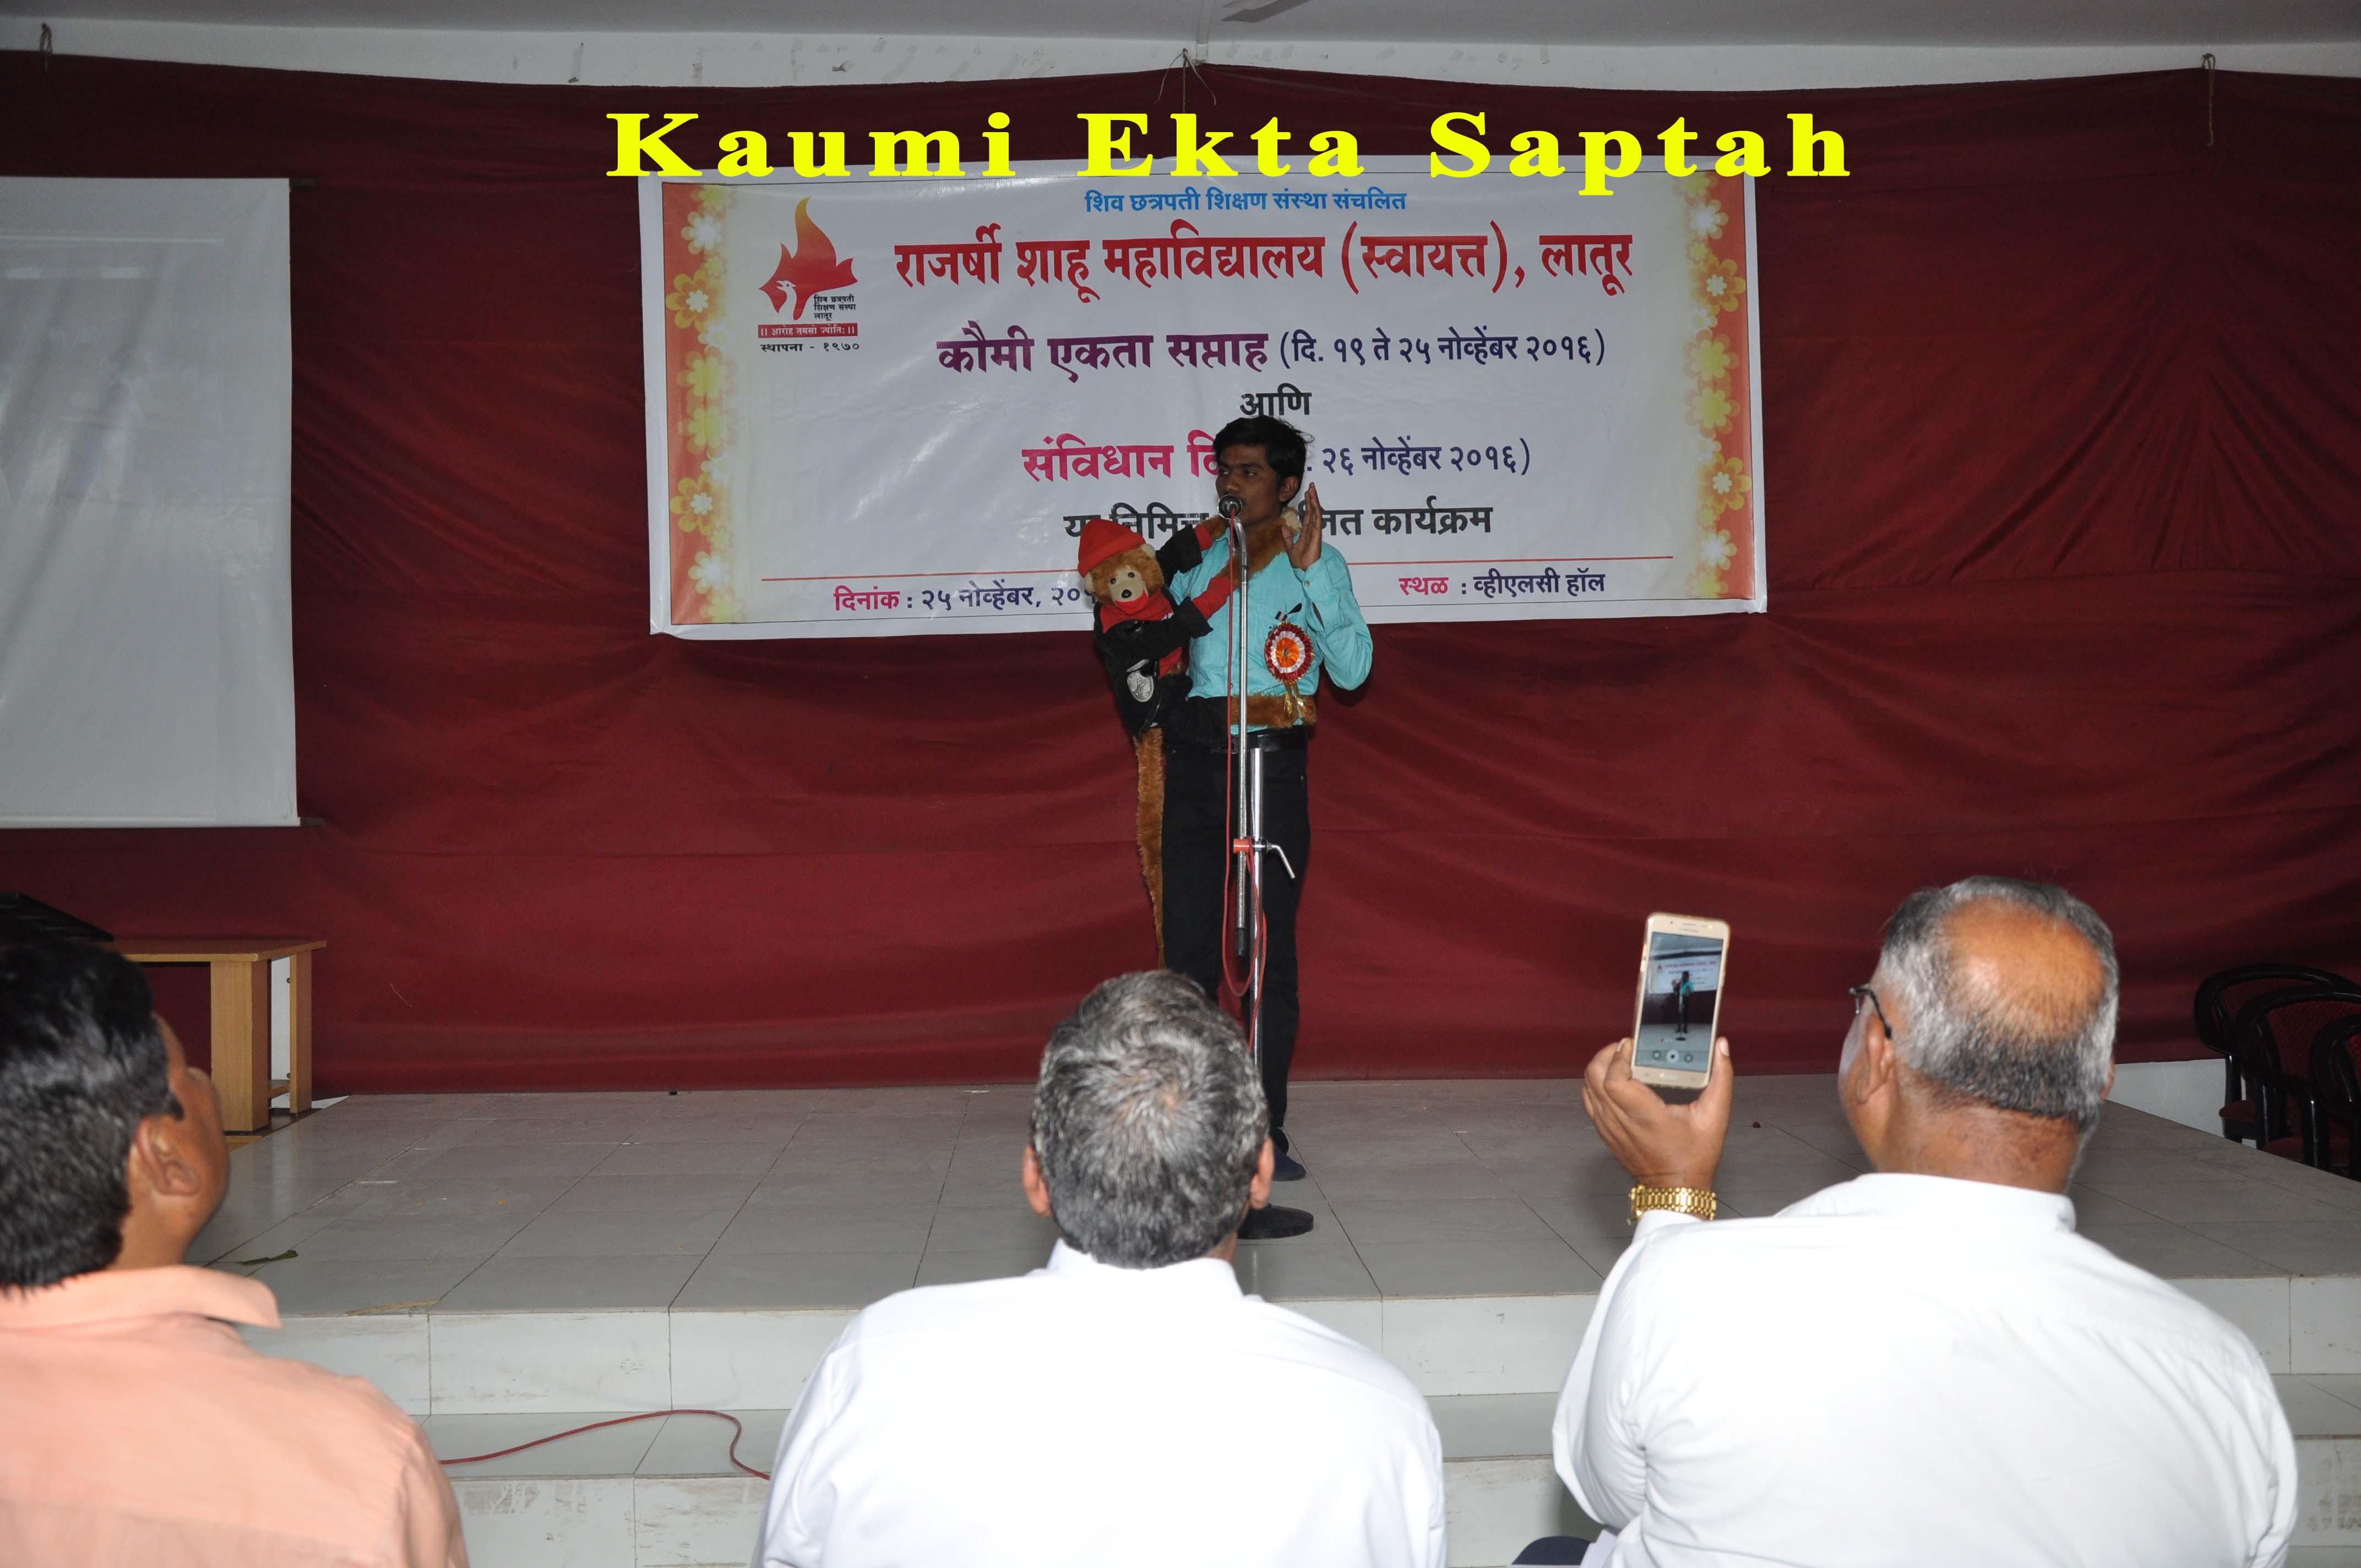 Welcome to Shiv Chhatrapati Shikshan Sanstha's Raj